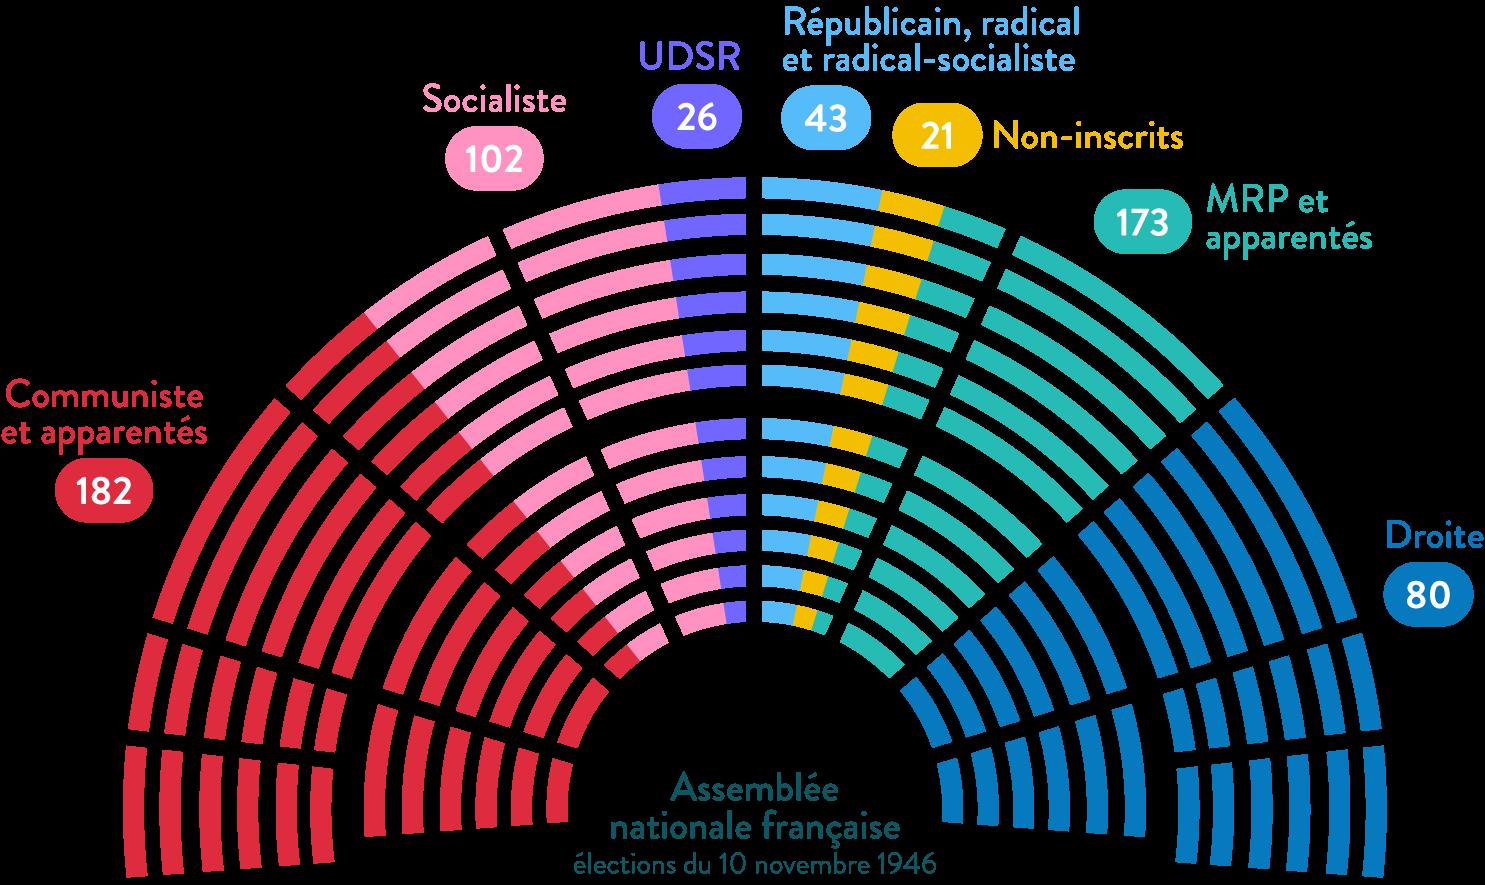 assemblée nationale française élections du 10 novembre 1946